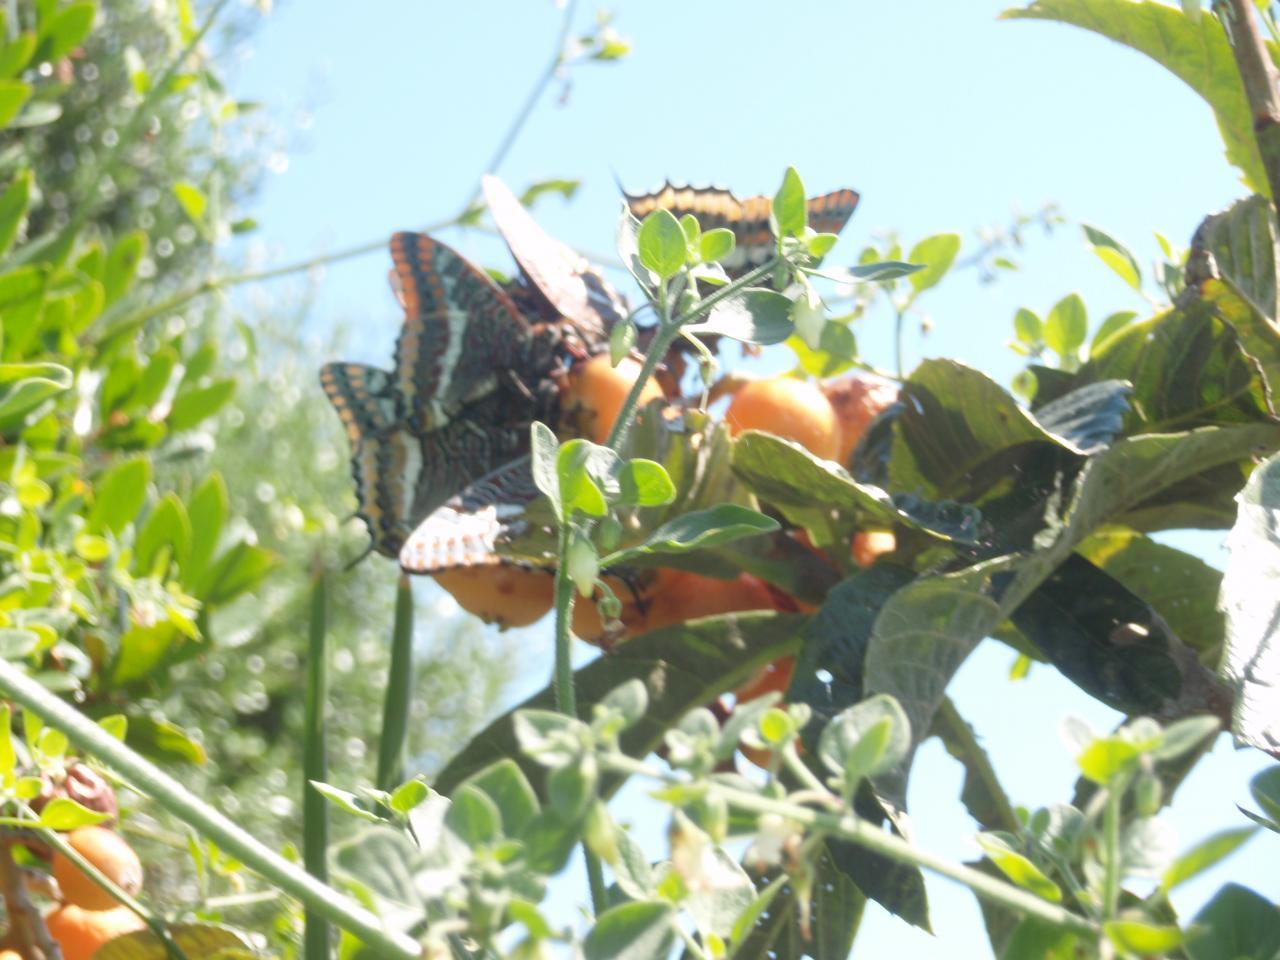 Papillons sur un néfflier